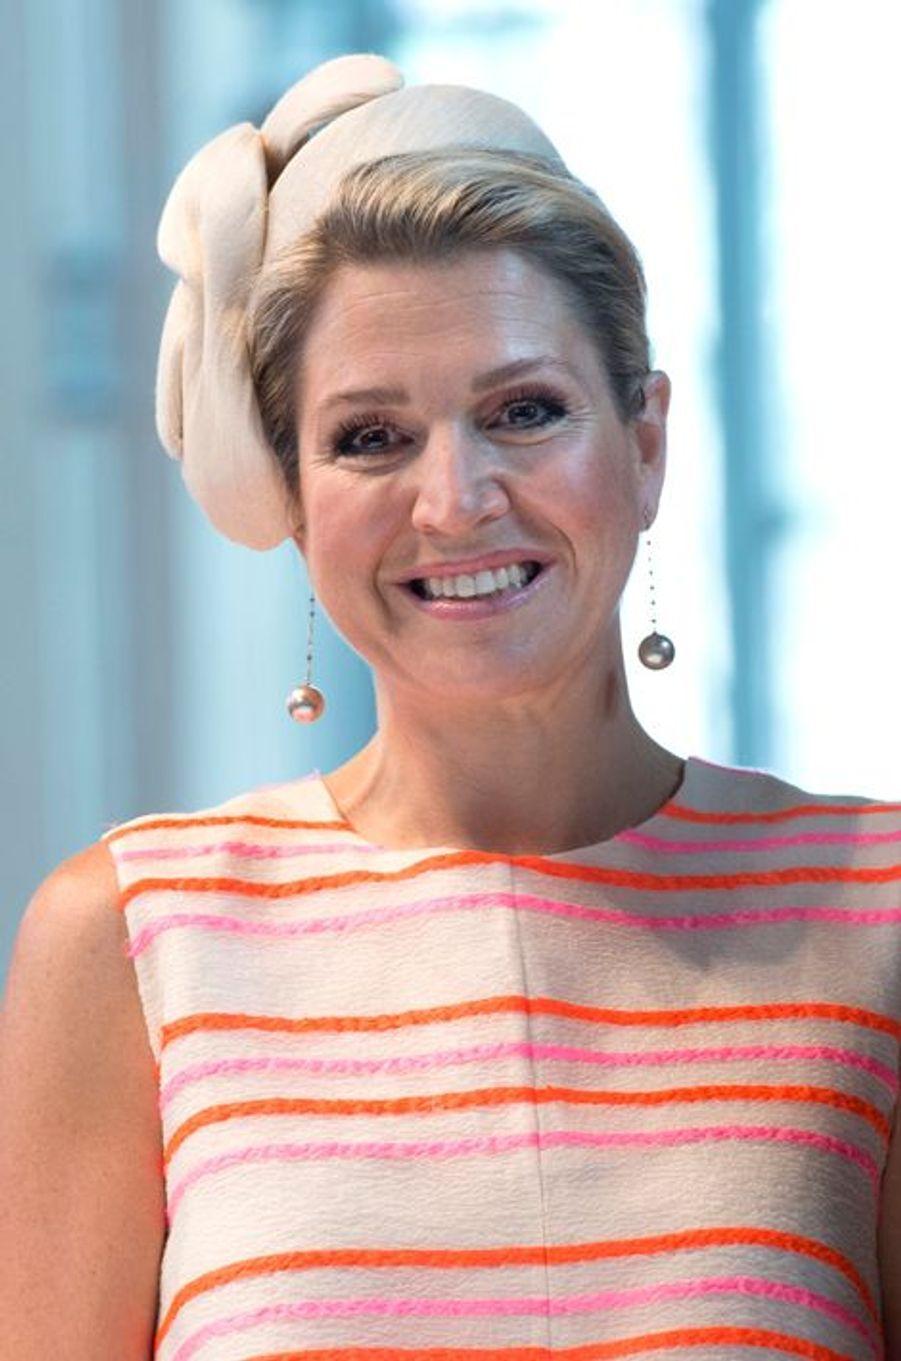 La reine Maxima des Pays-Bas à La Haye, le 24 juin 2015